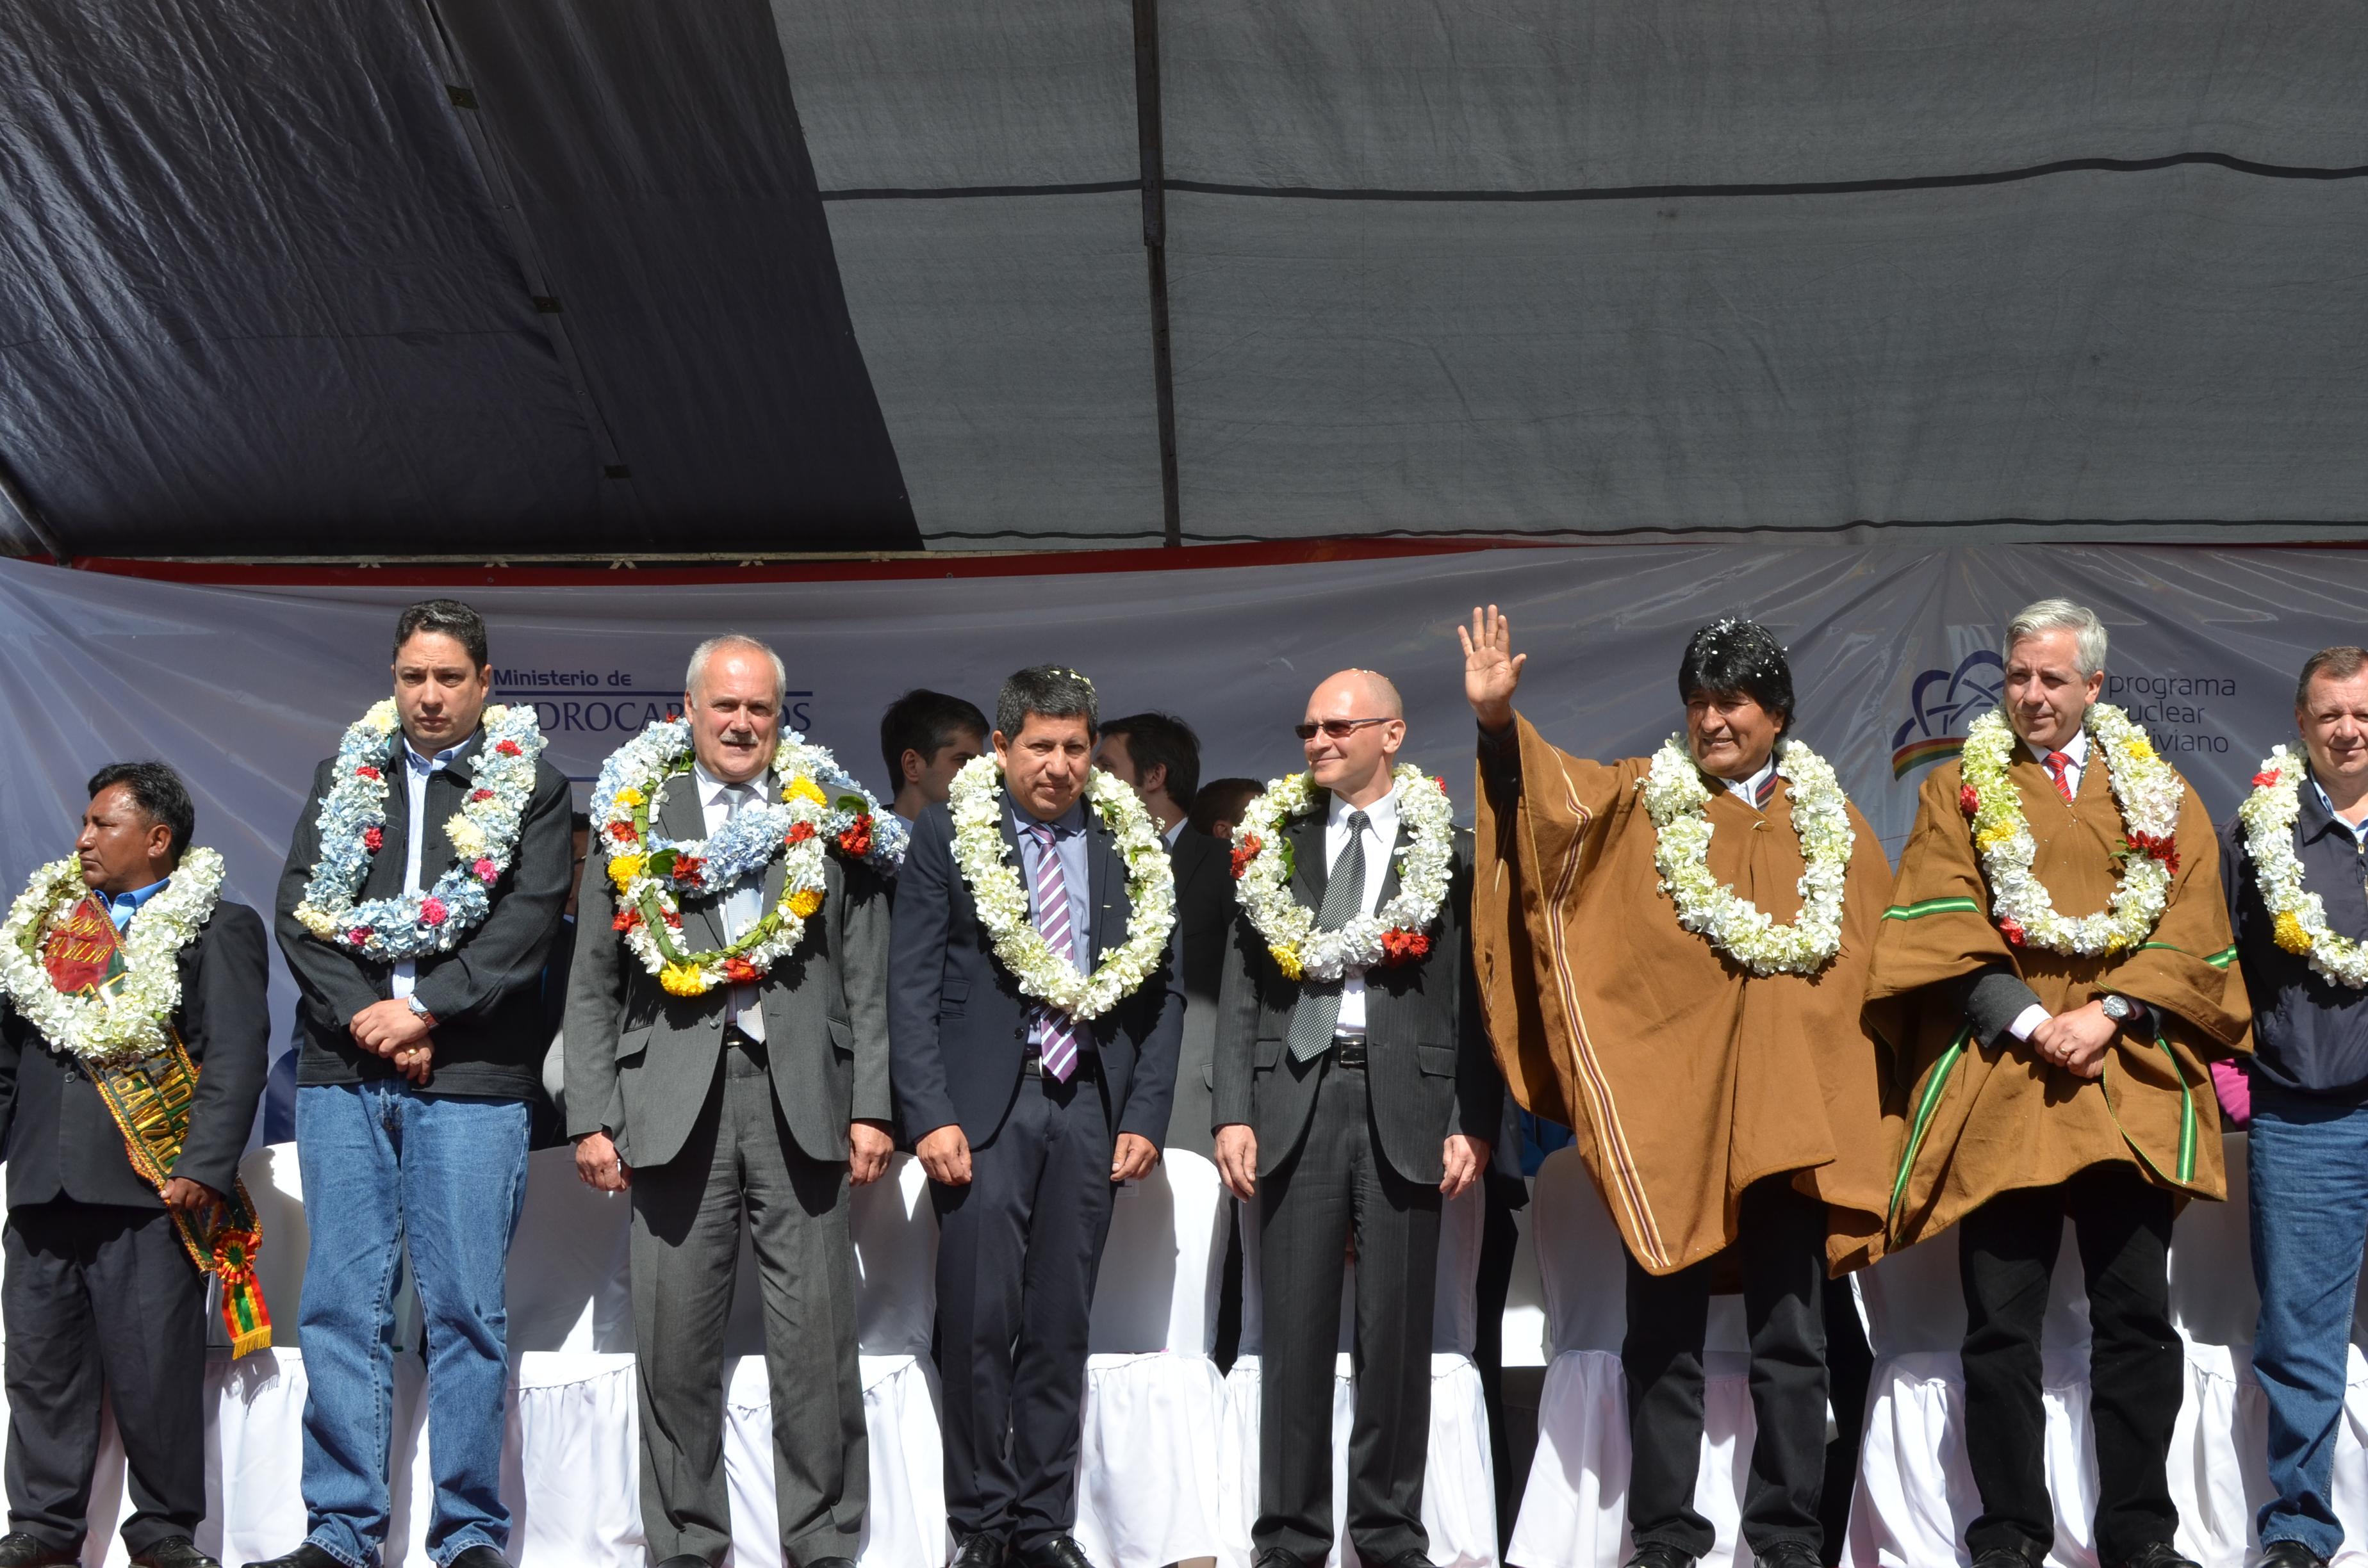 Representantes de Rosatom durante la ceremonia con el presidente Evo Morales. Fuente: Dmitri Shústov